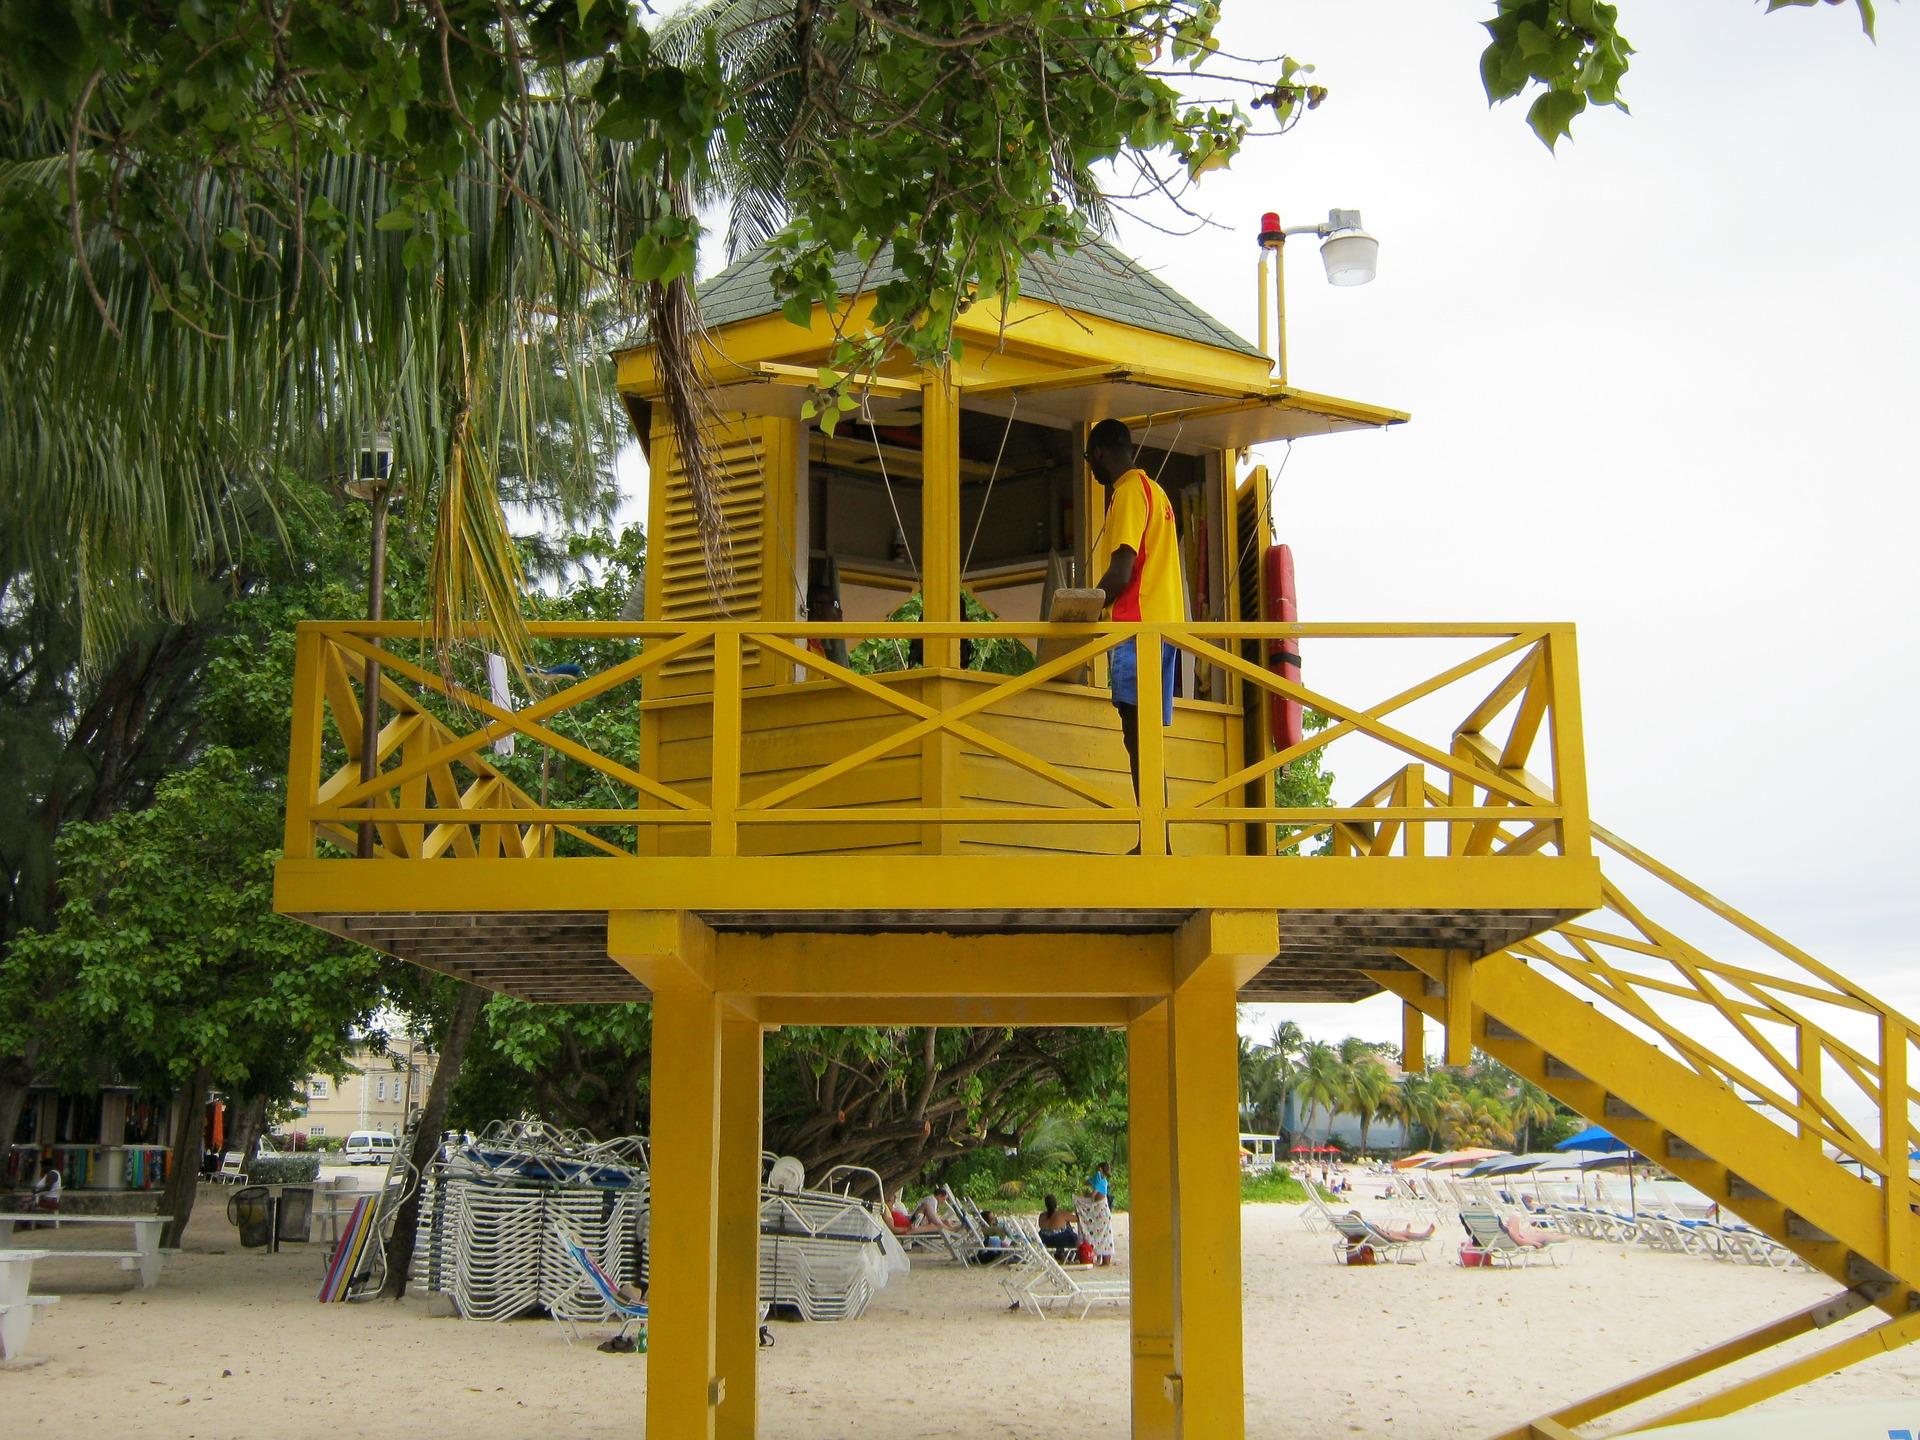 lifeguard-tower-1712219_1920